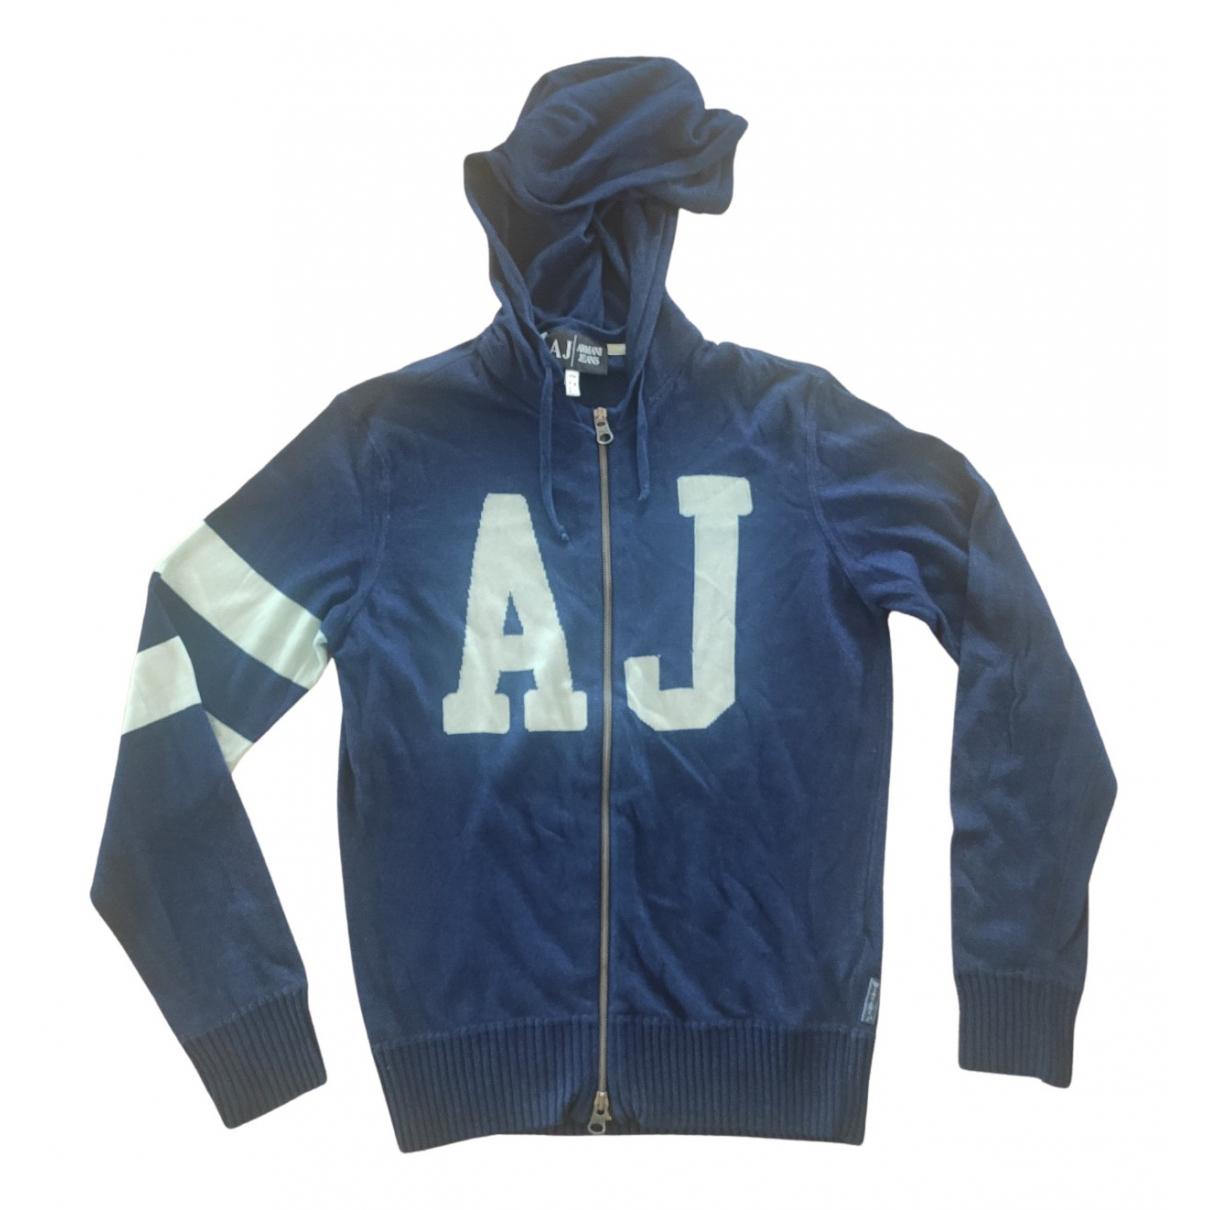 Armani Jeans N Blue Cotton Knitwear & Sweatshirts for Men M International